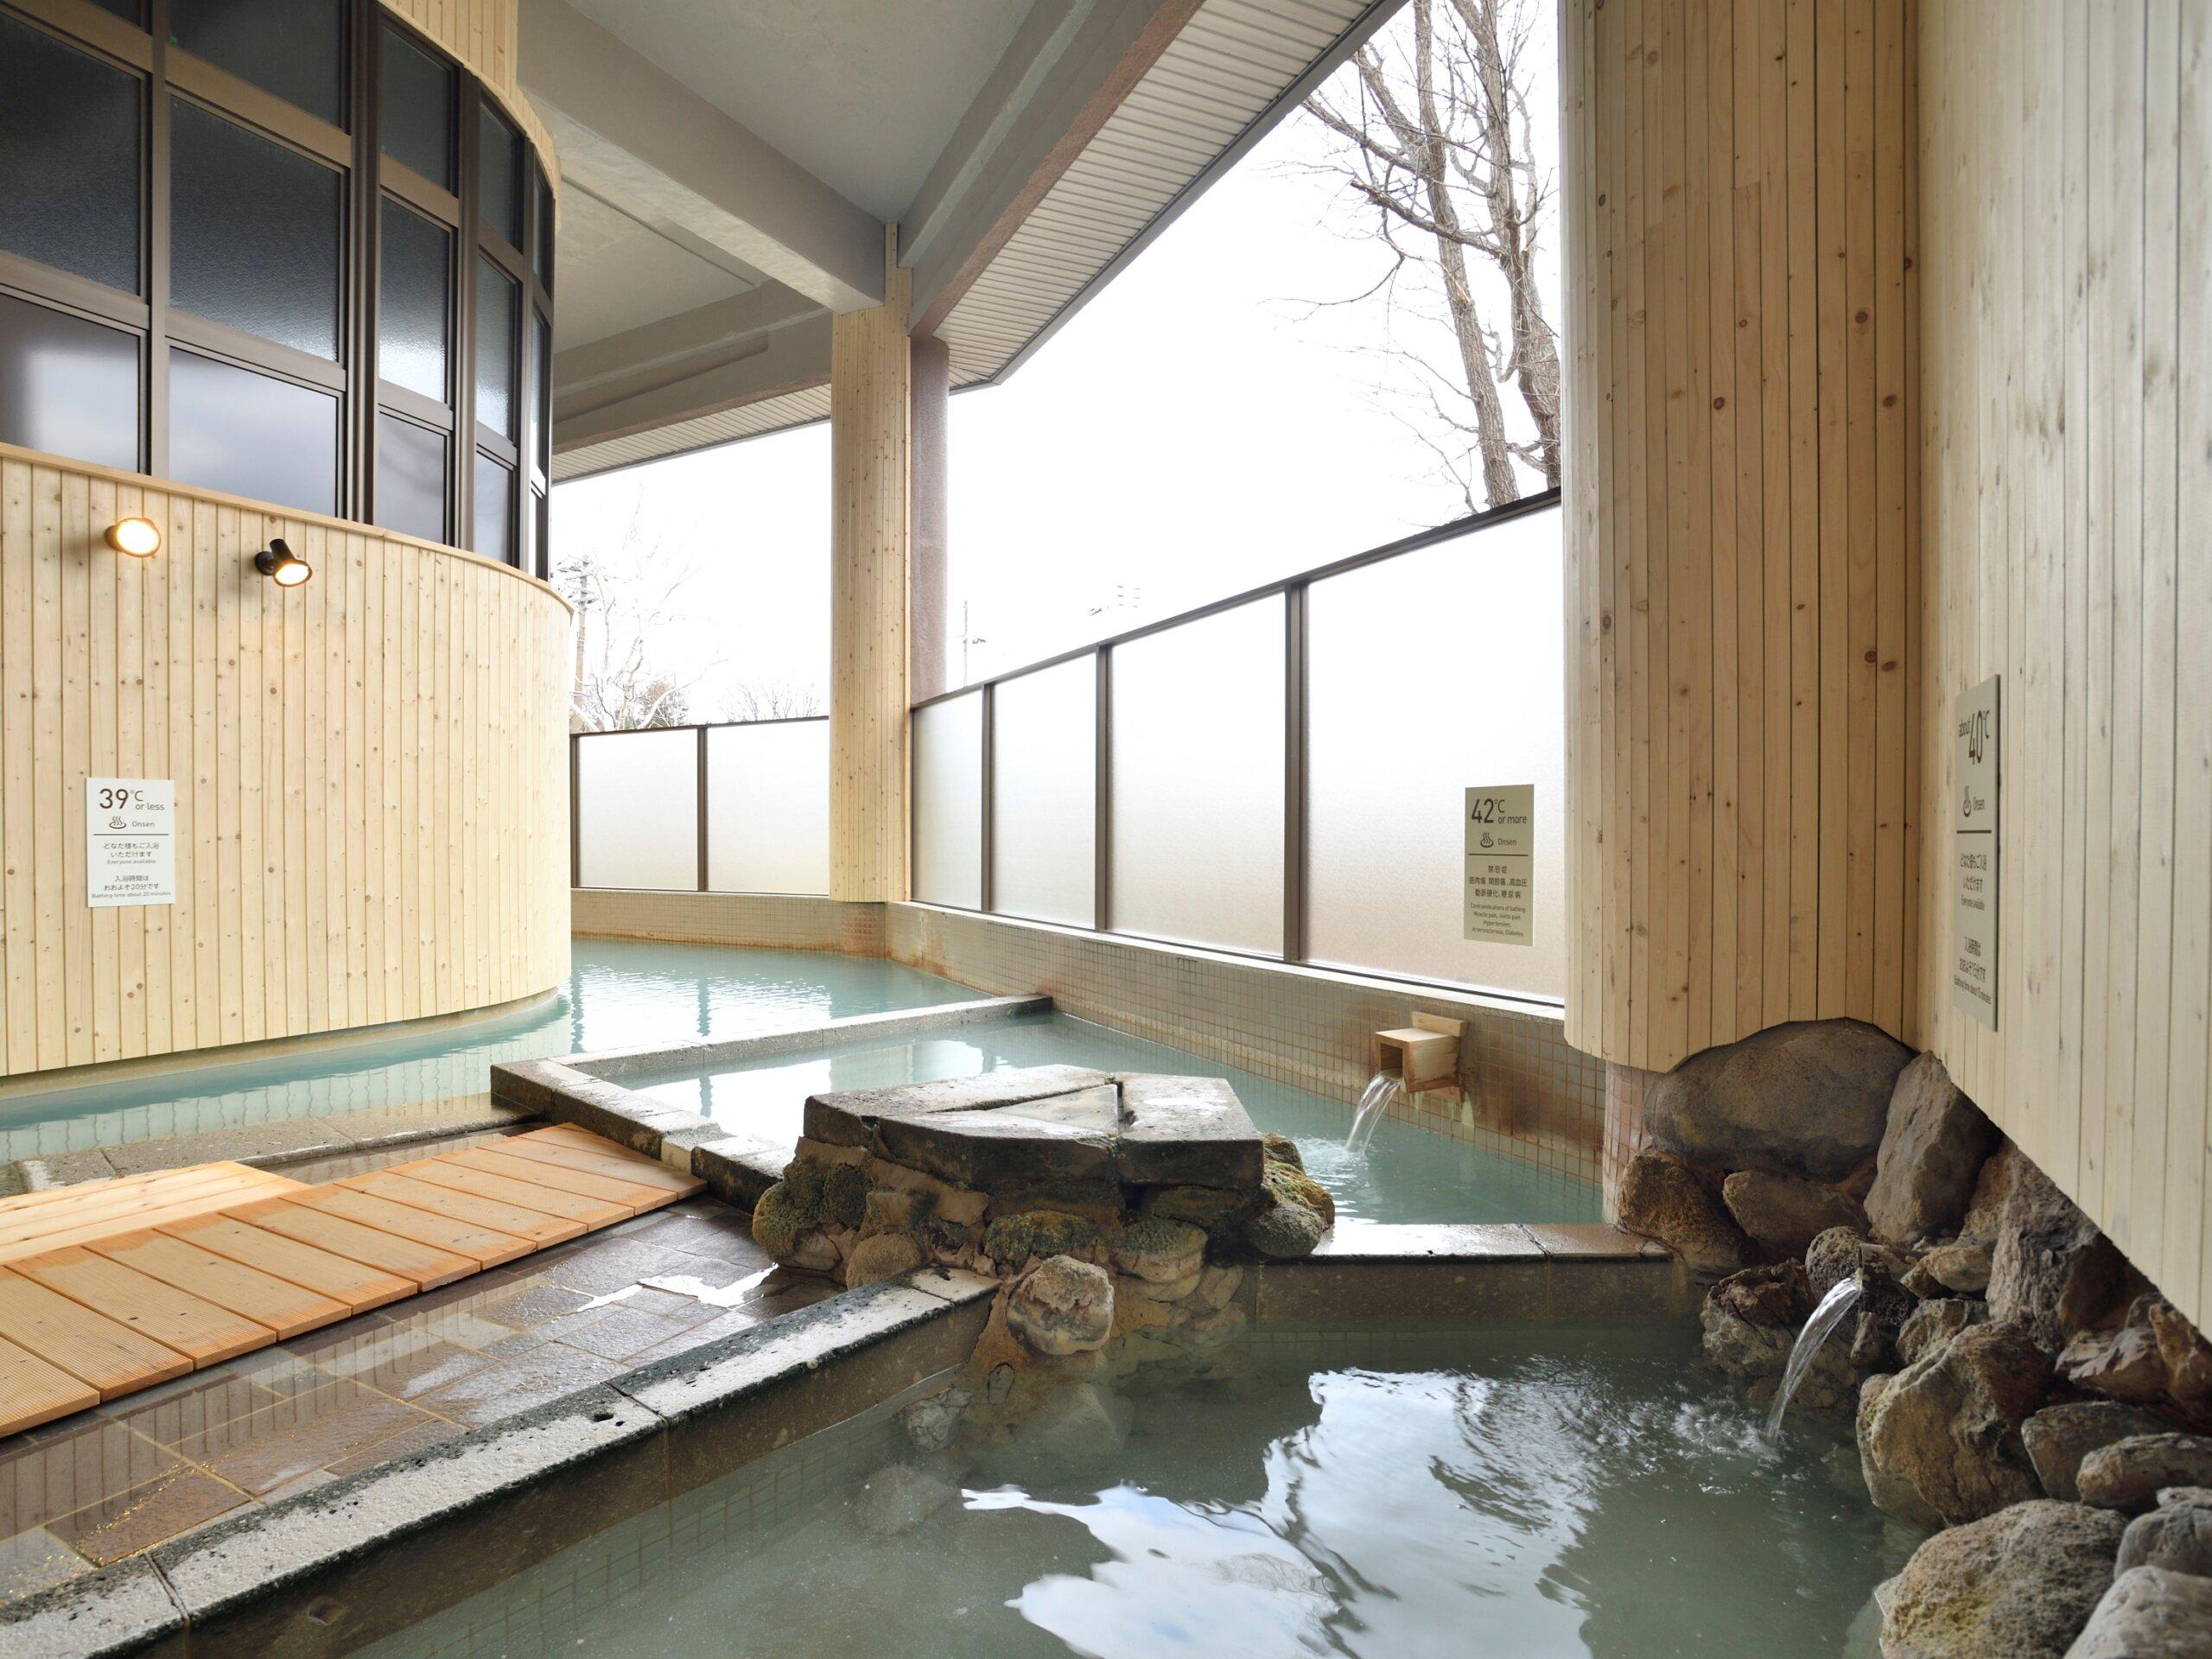 川湯溫泉 お宿欣喜湯:以3種溫度的浴池體驗日本珍稀的溫泉泉質